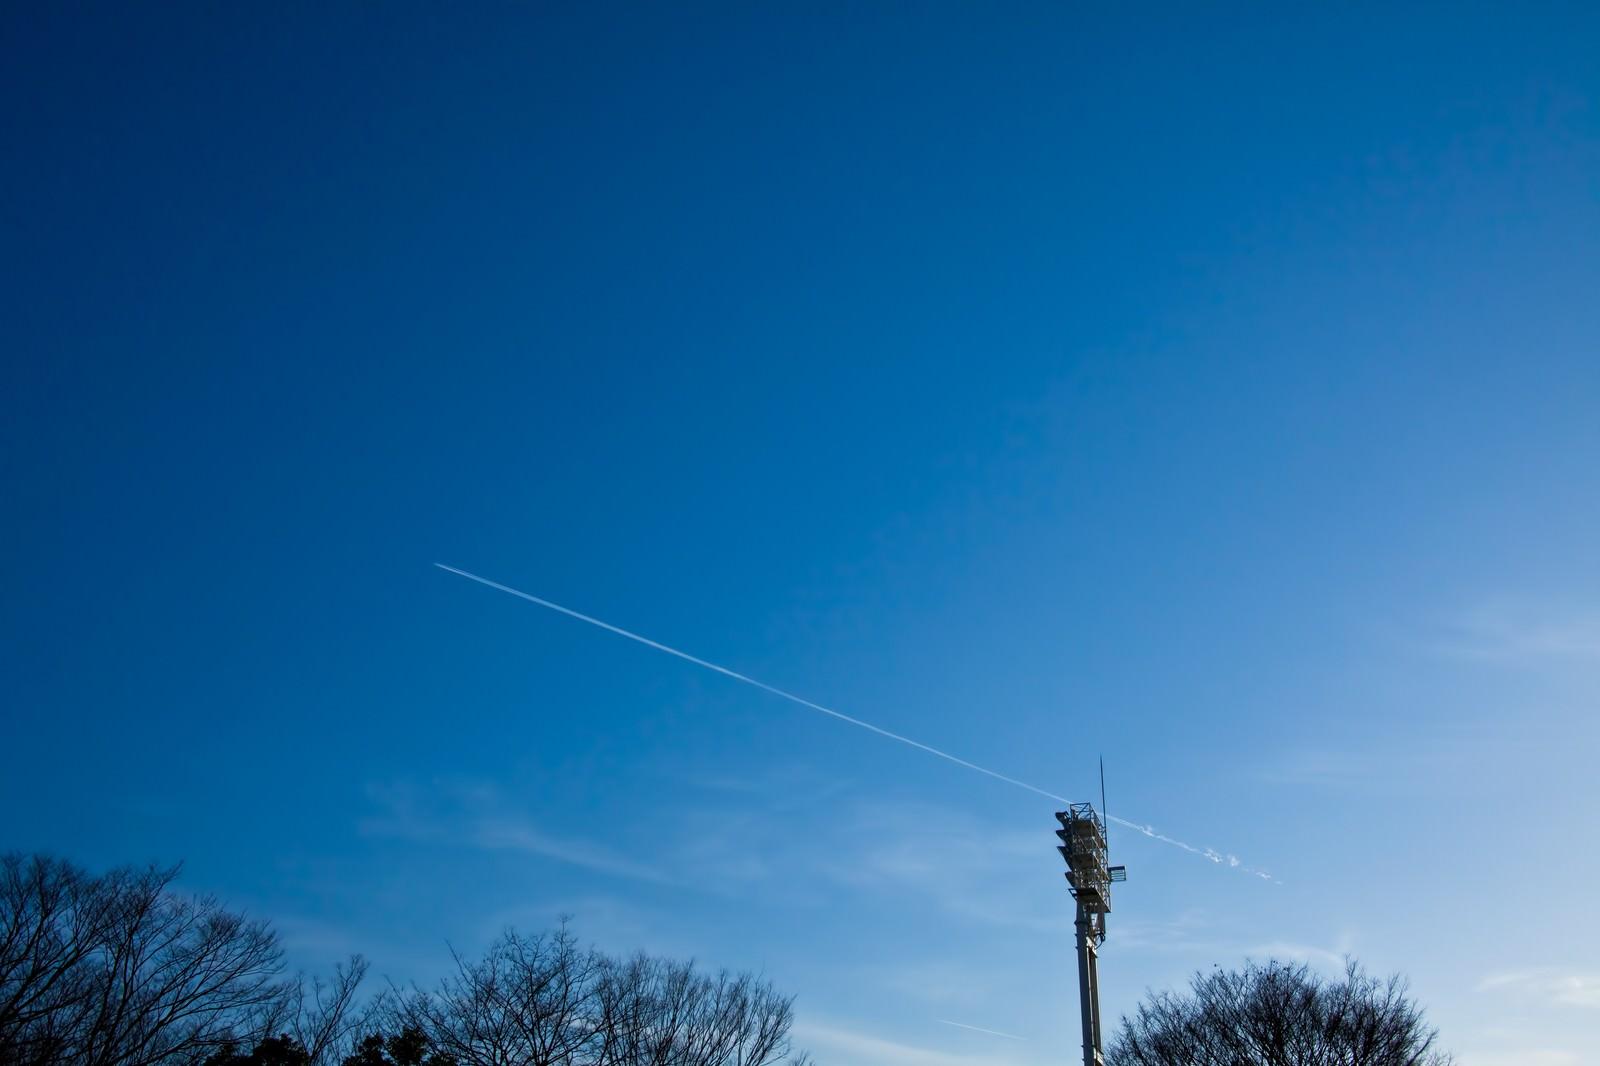 「青空に伸びる飛行機雲」の写真